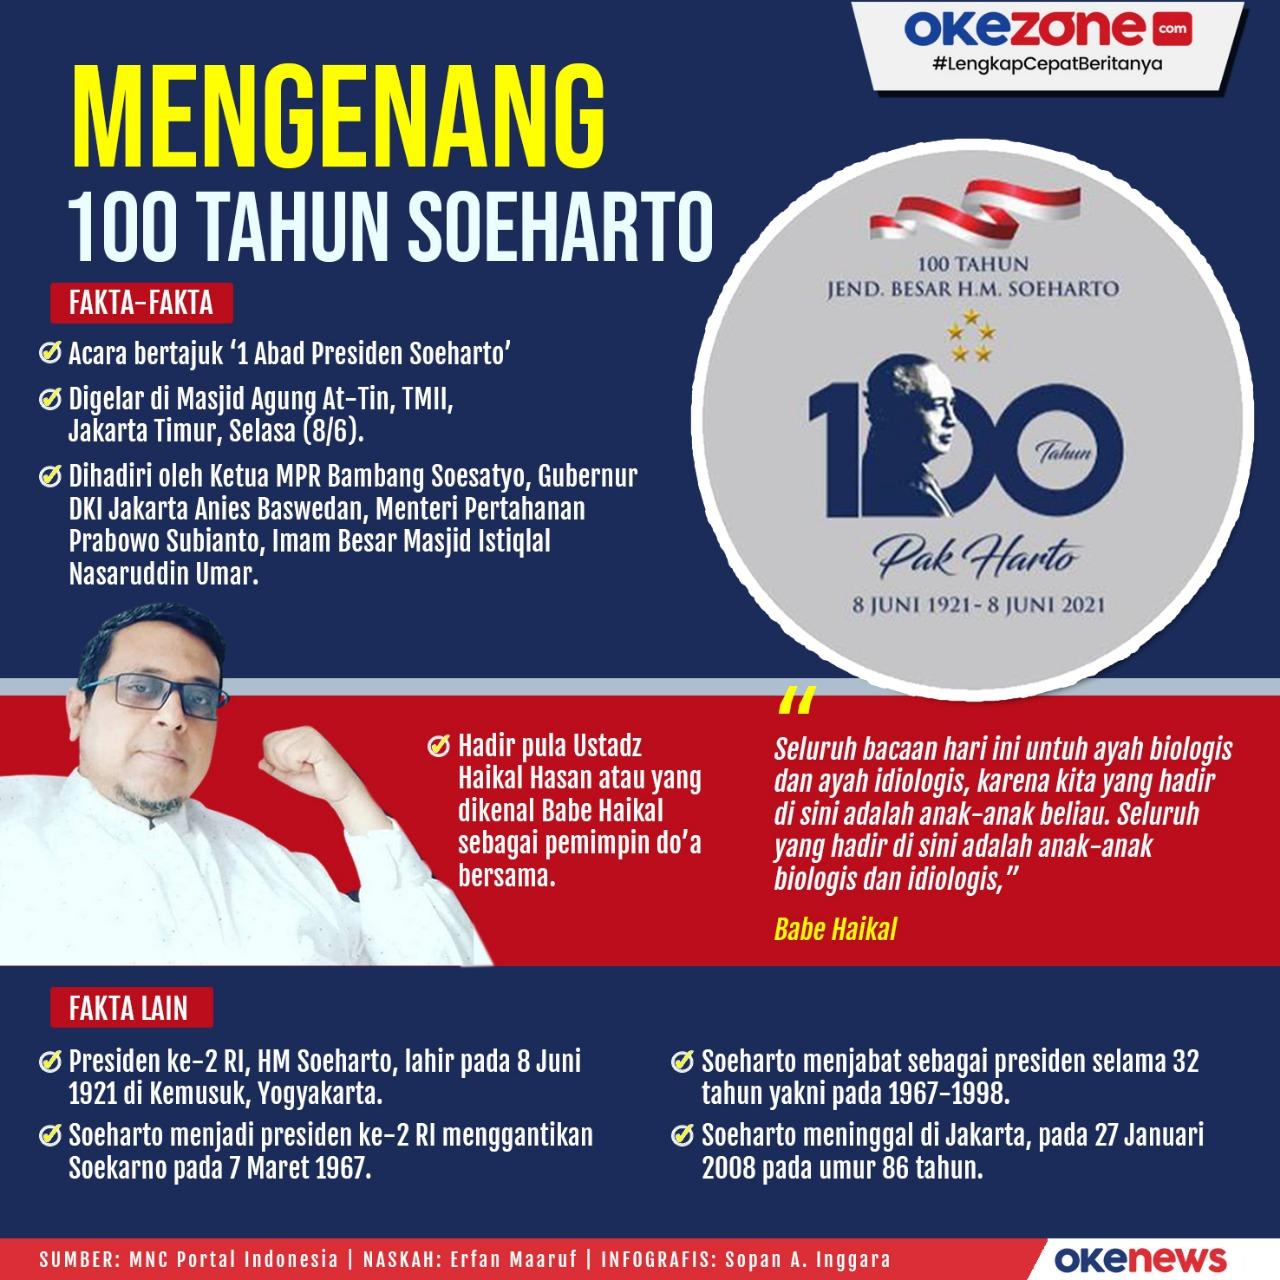 Mengenang 100 Tahun Soeharto -